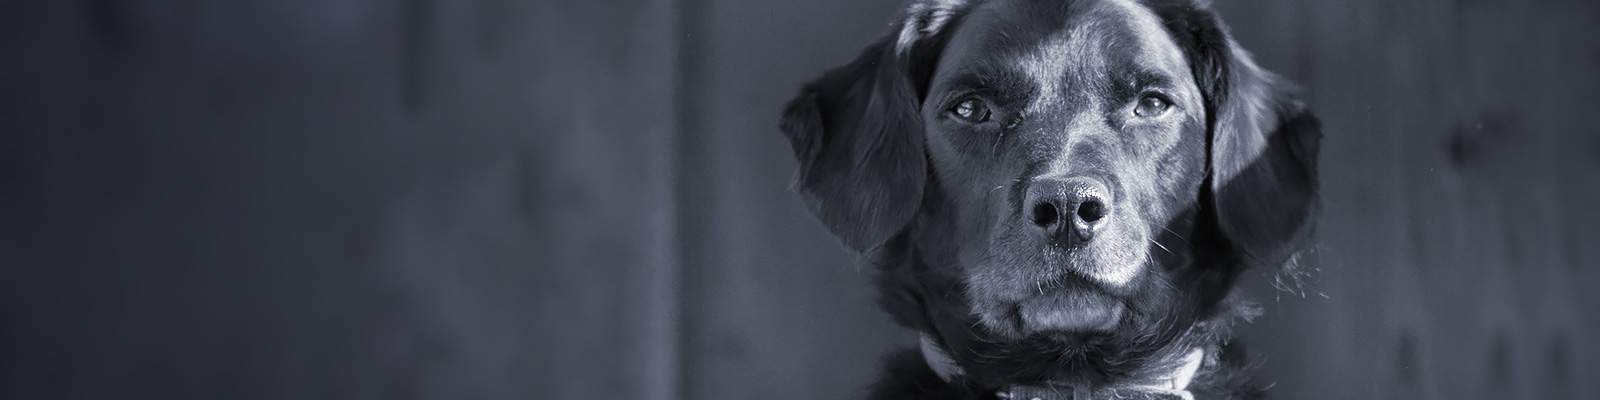 犬 顔 イメージ